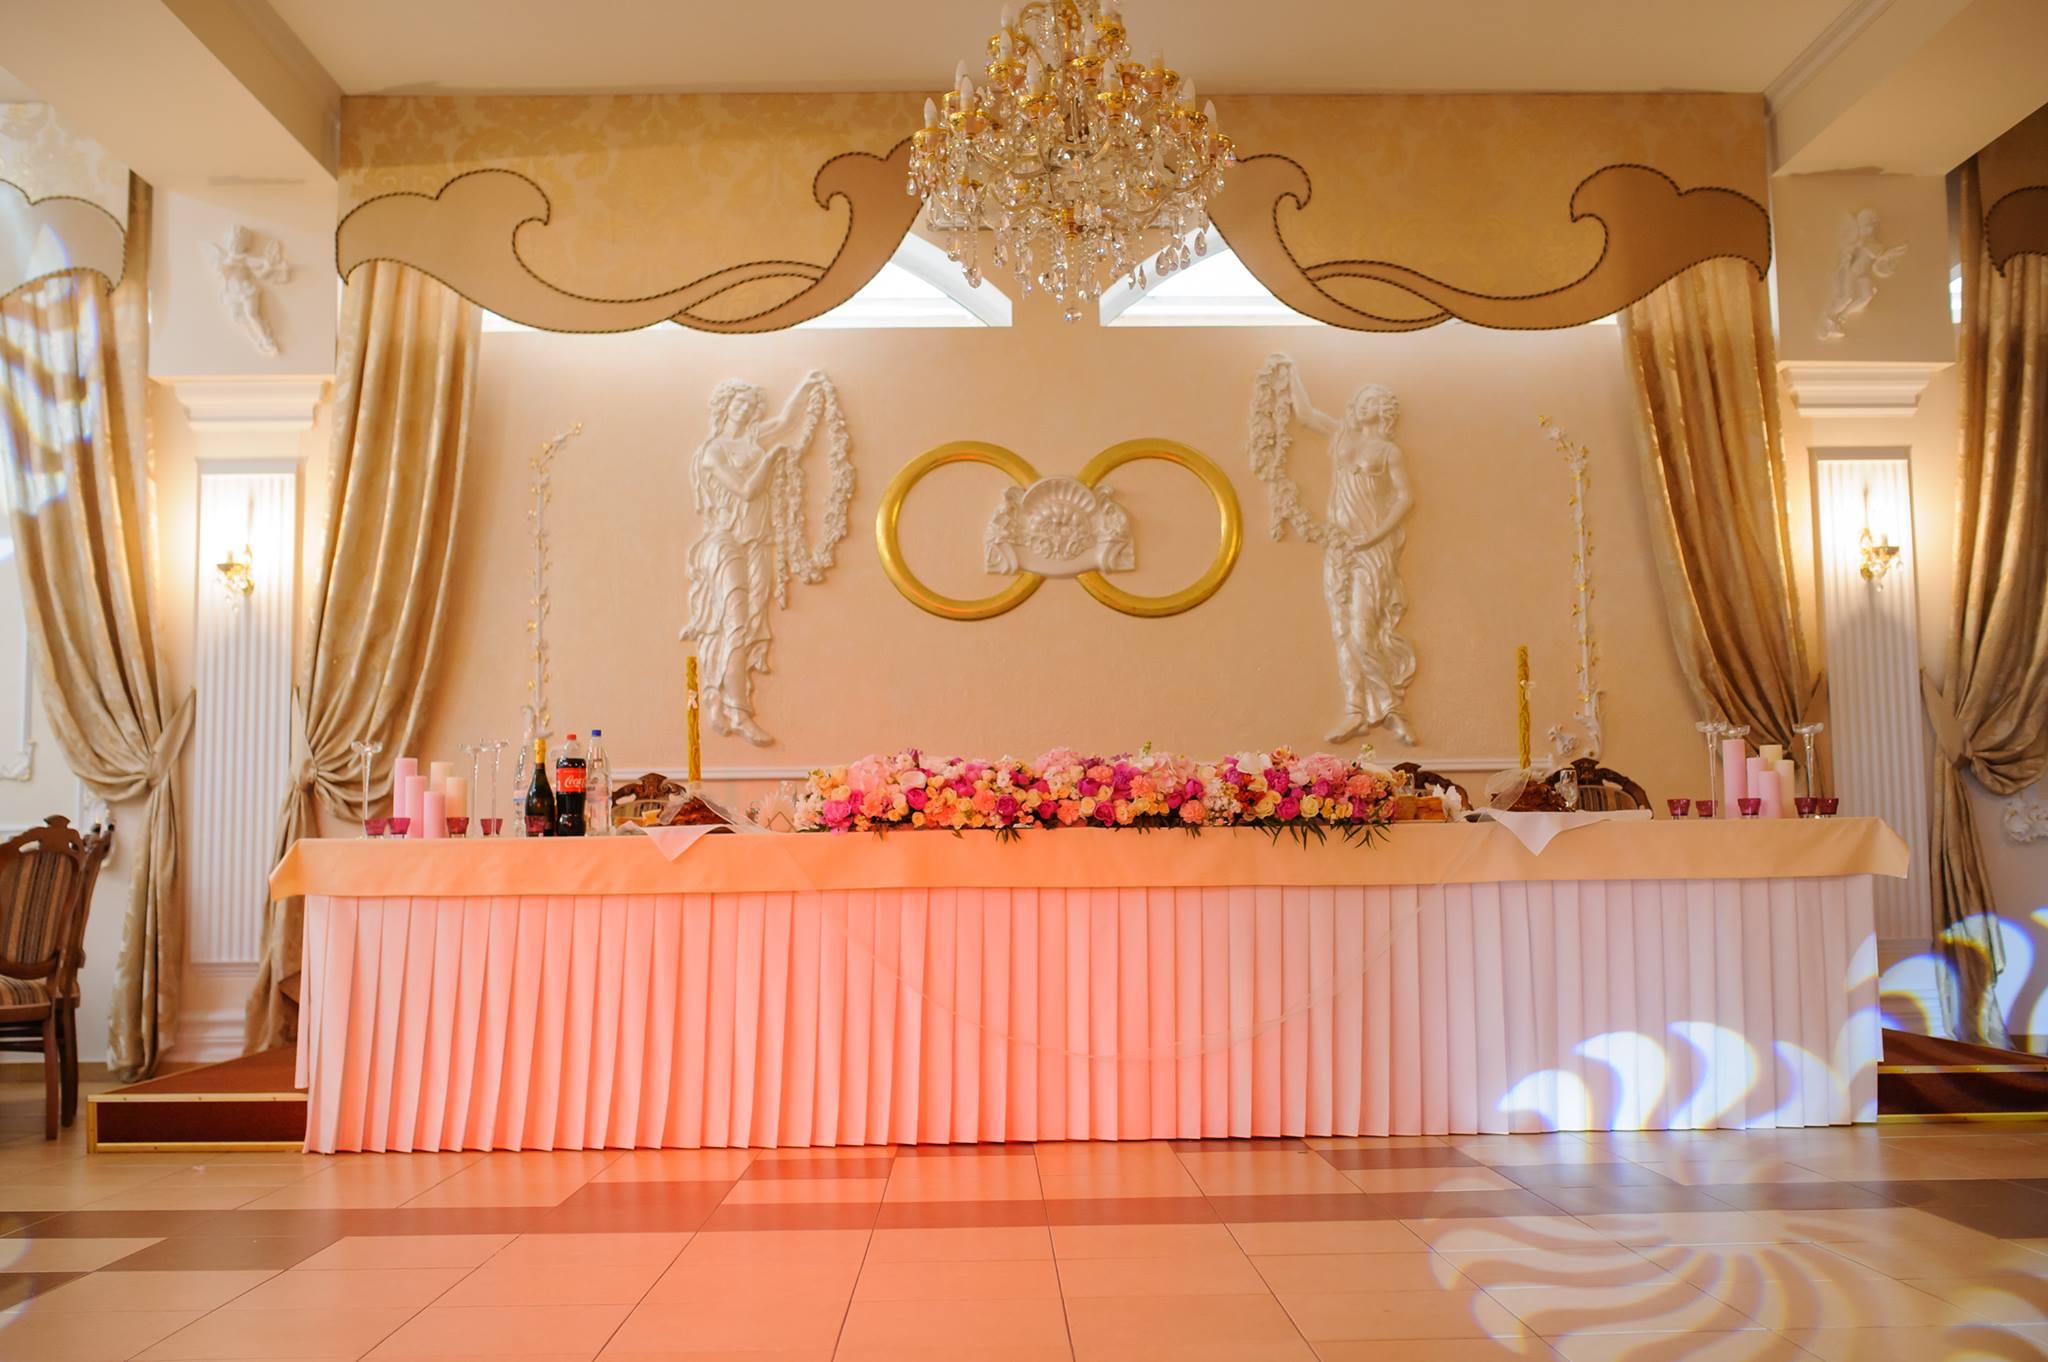 инструкции изготовления залы для свадеб фото влияет